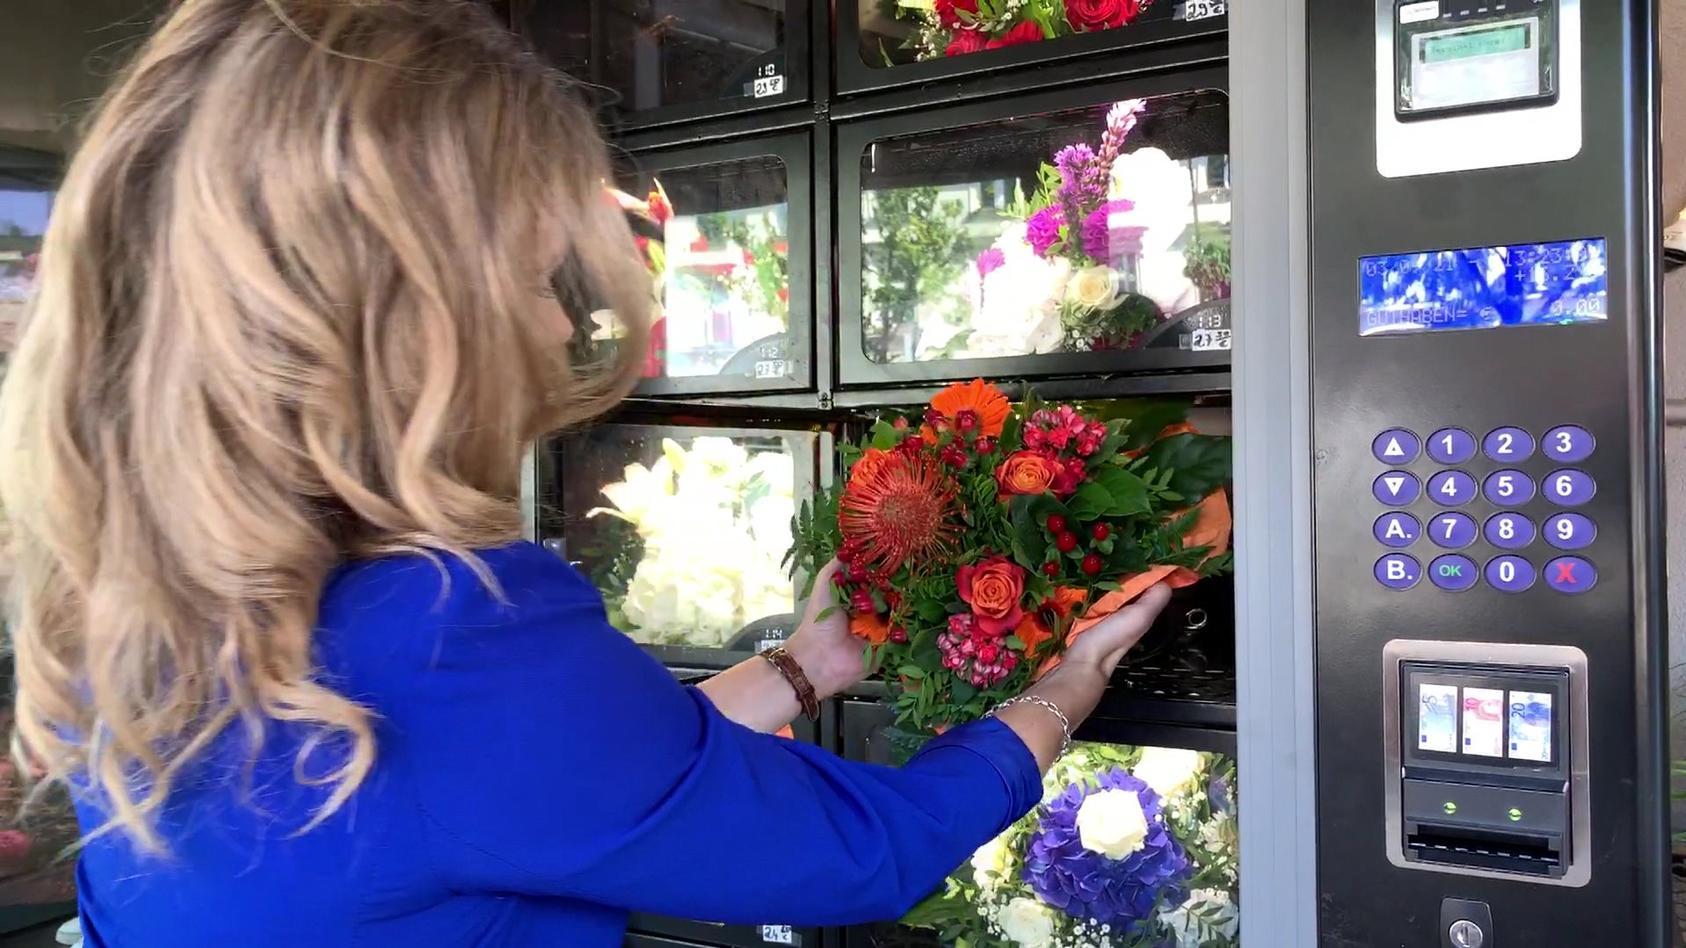 RTL hat sich die Blumen-Automaten mal genauer angesehen.